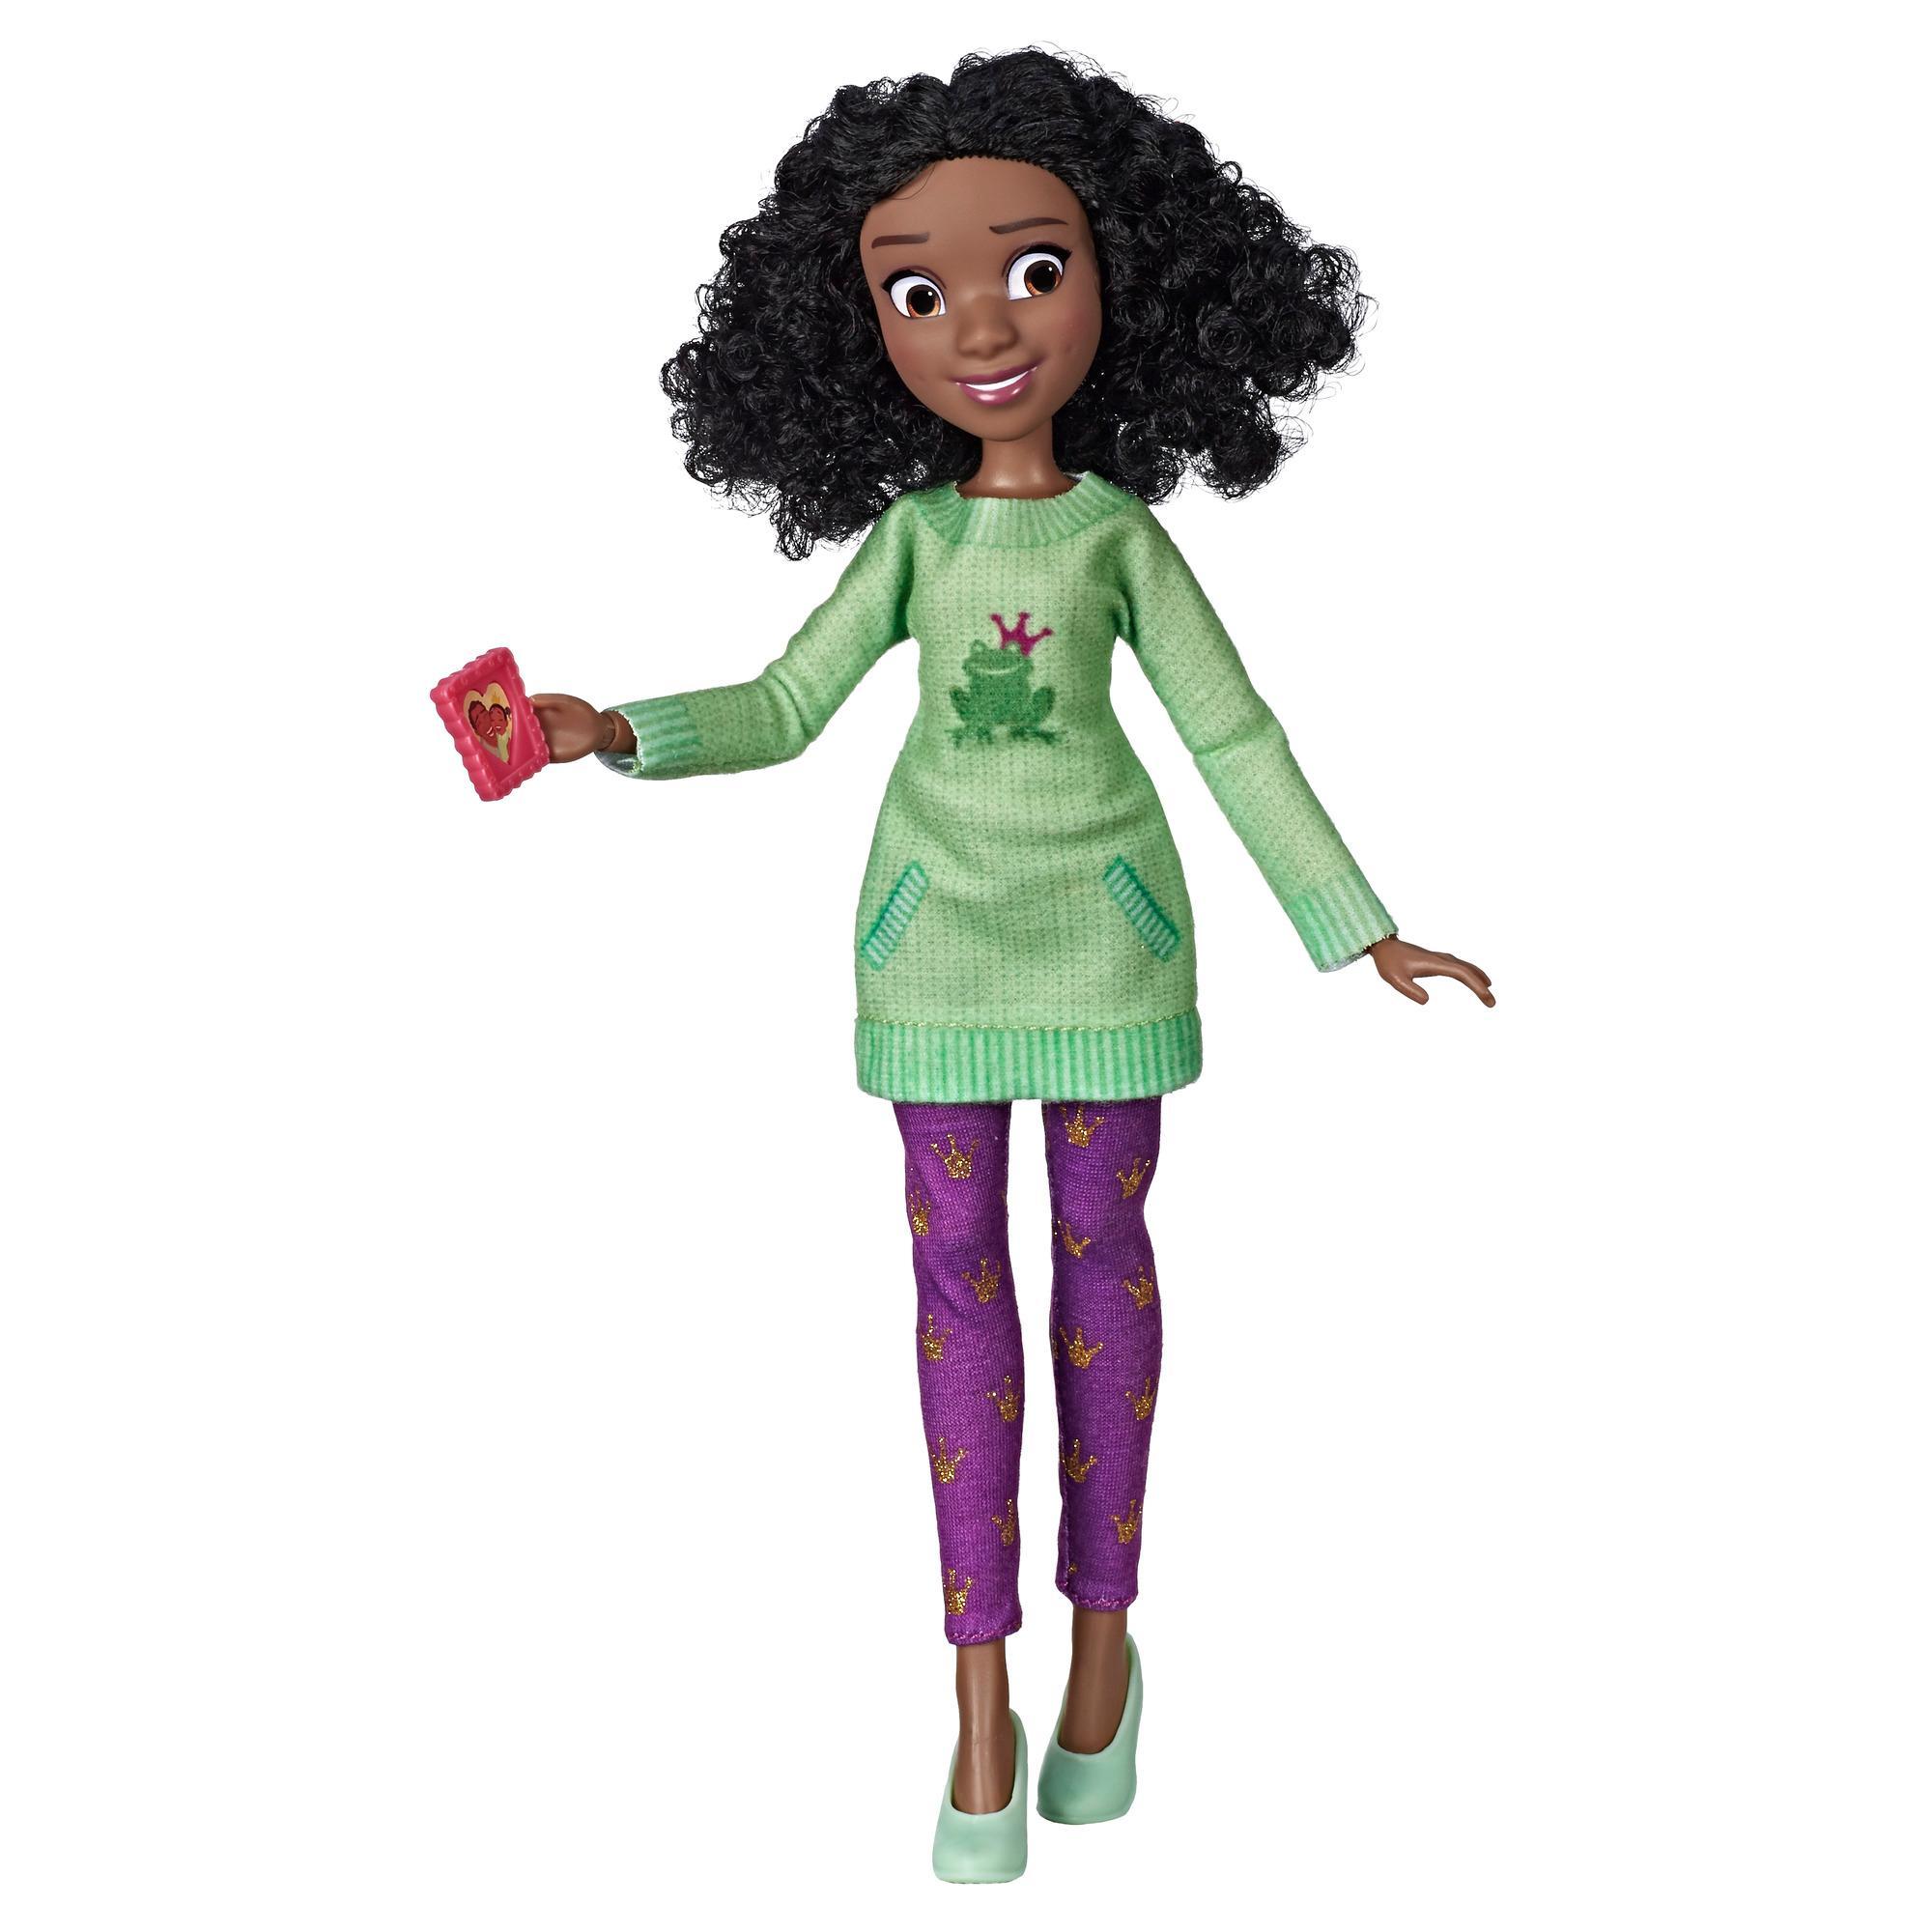 Disney Princess Comfy Squad - Muñeca de Tiana con ropa casual y accesorios inspirada en la película Wifi Ralph